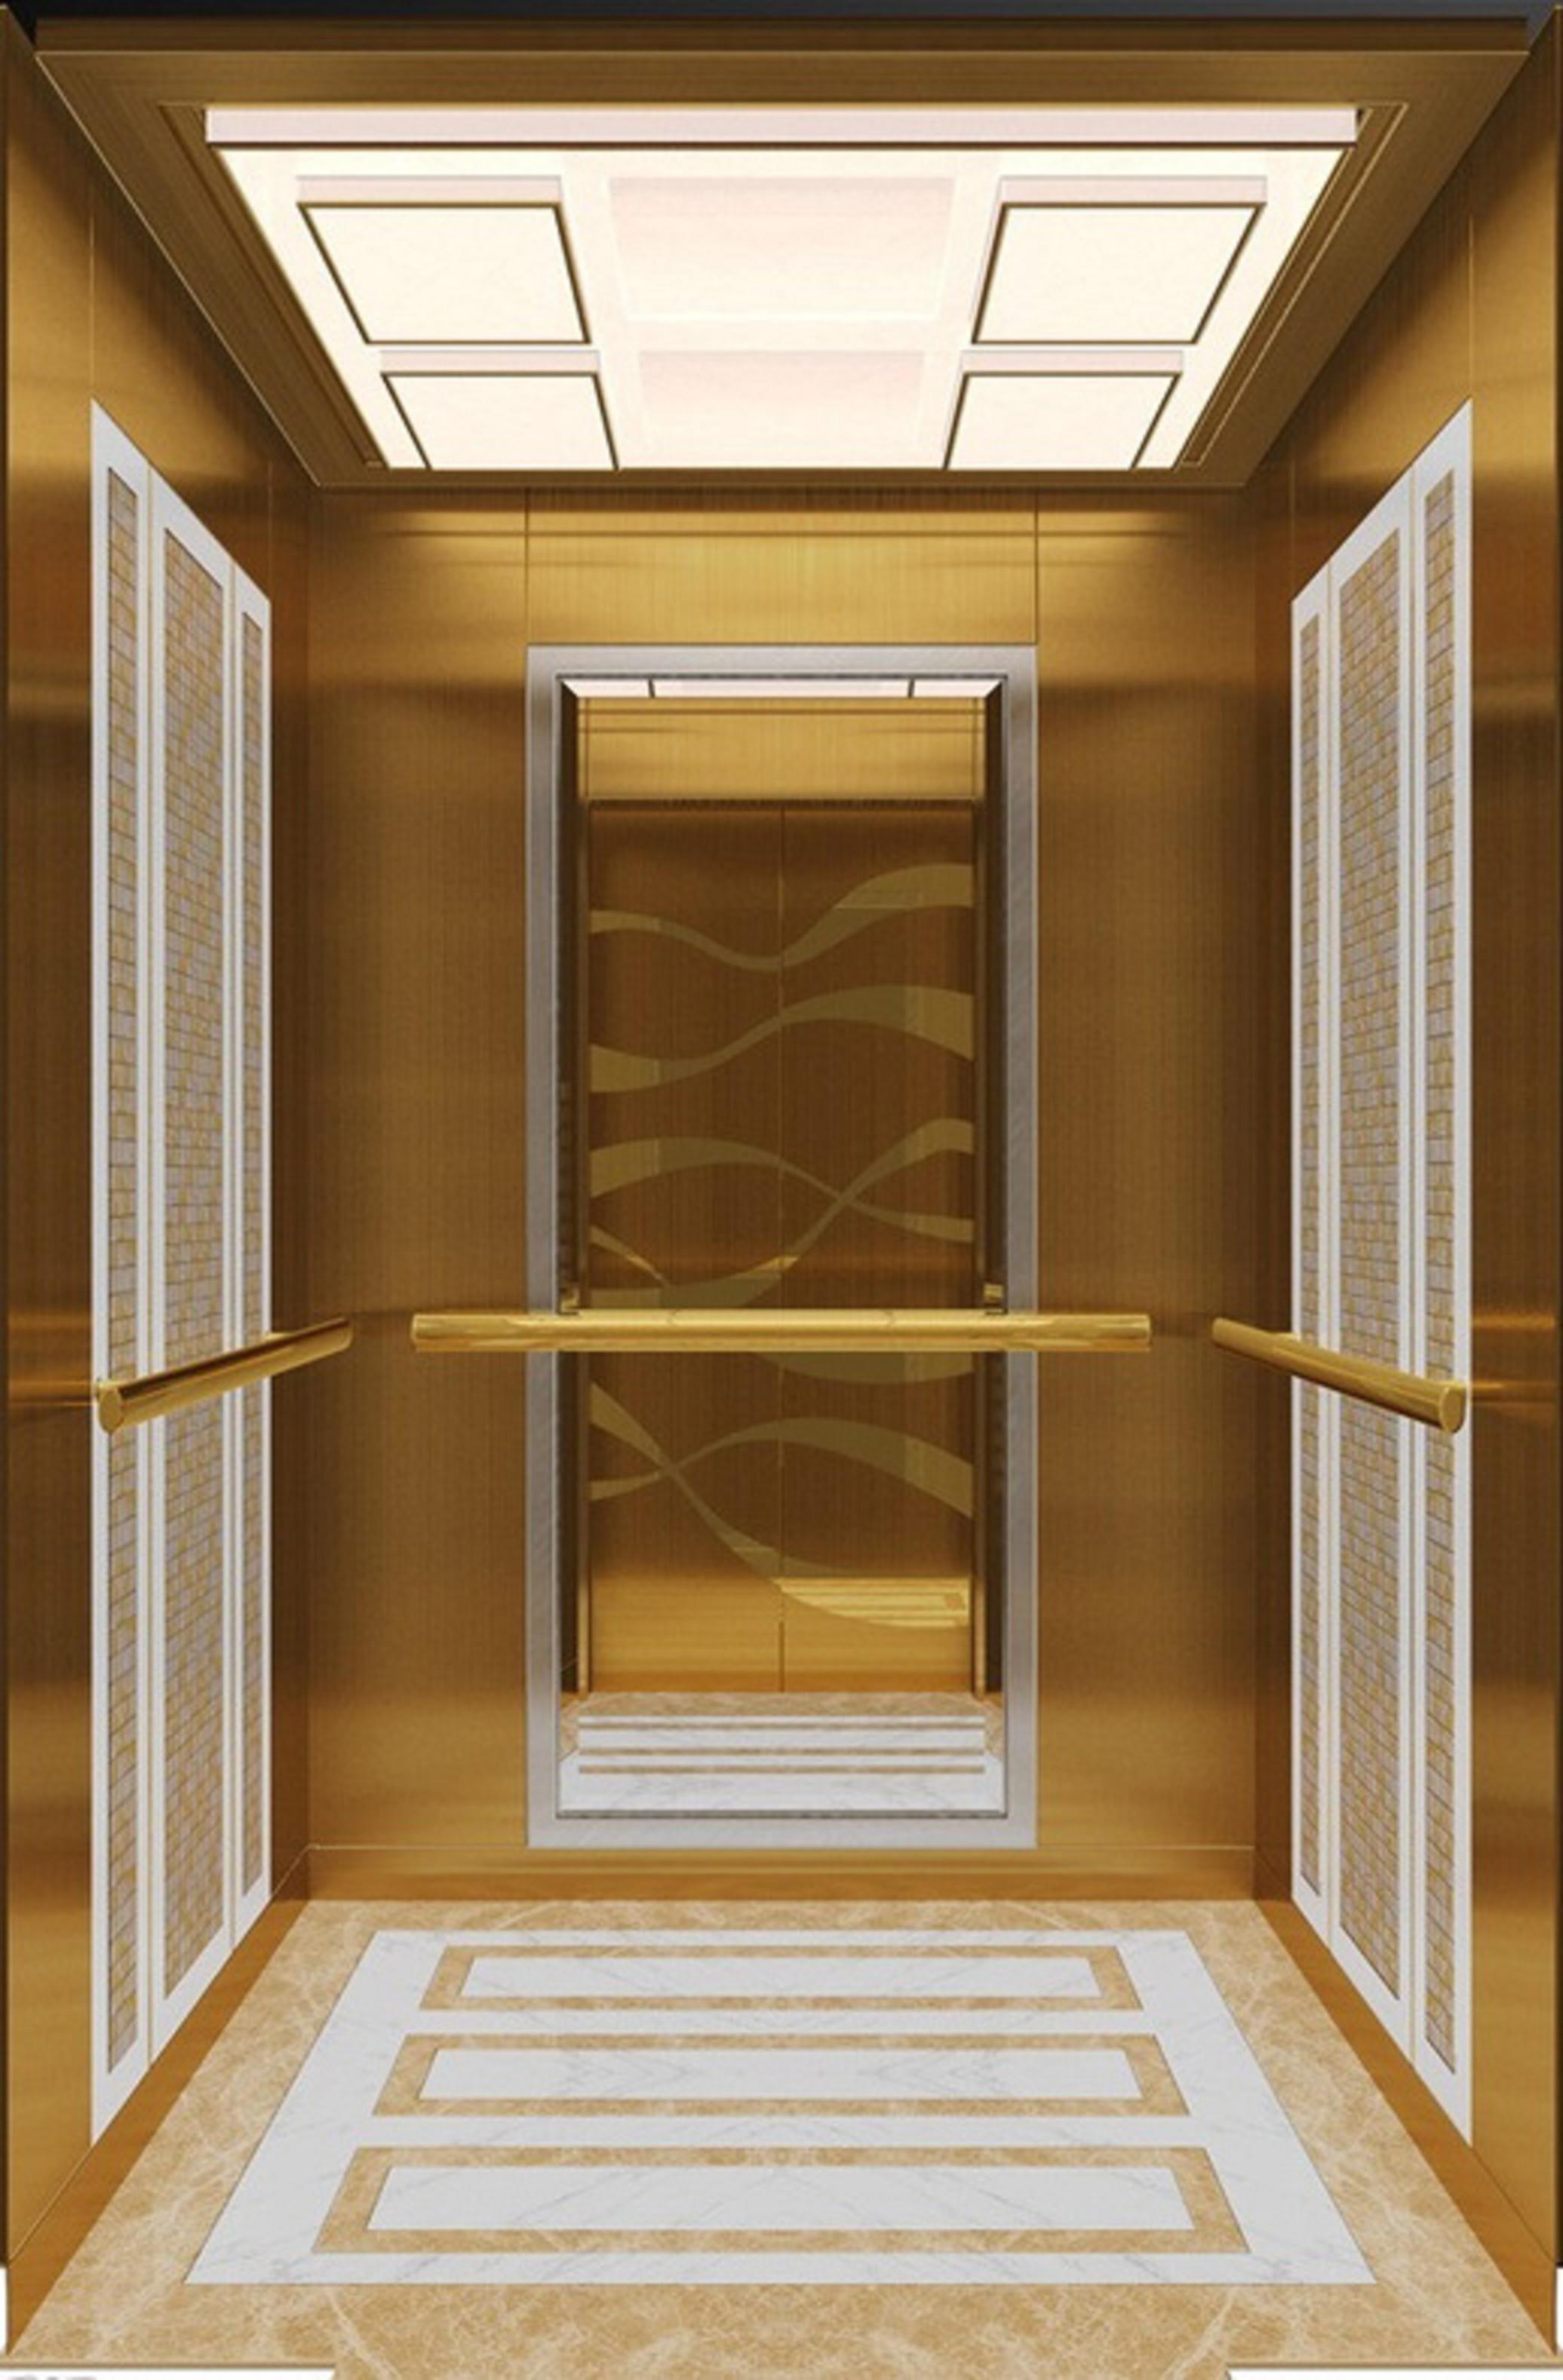 Thang máy tải khách - bản vẽ thang máy tải khách